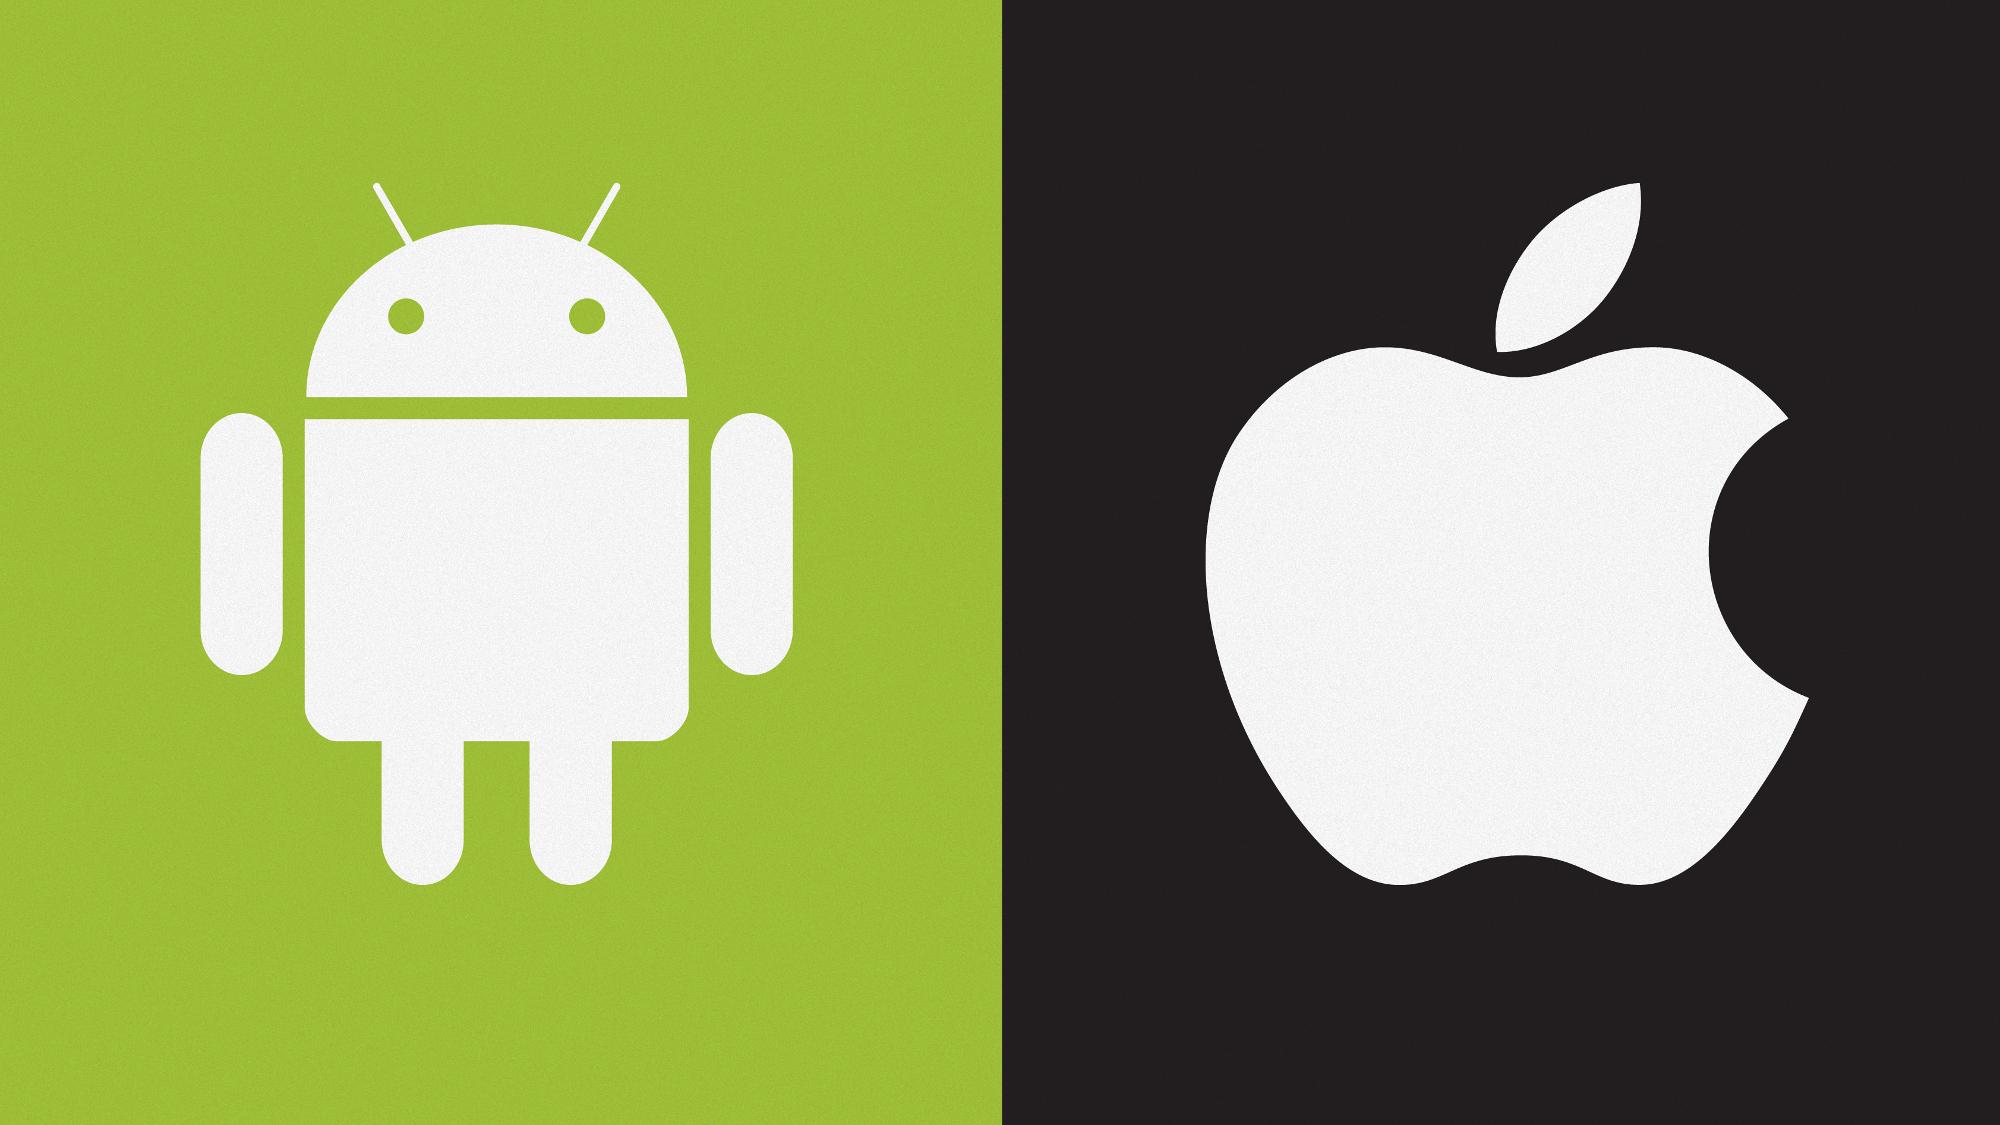 【読めば欲しくなる】iPhoneSEを買う?違う。私はAppleを買うのだ。